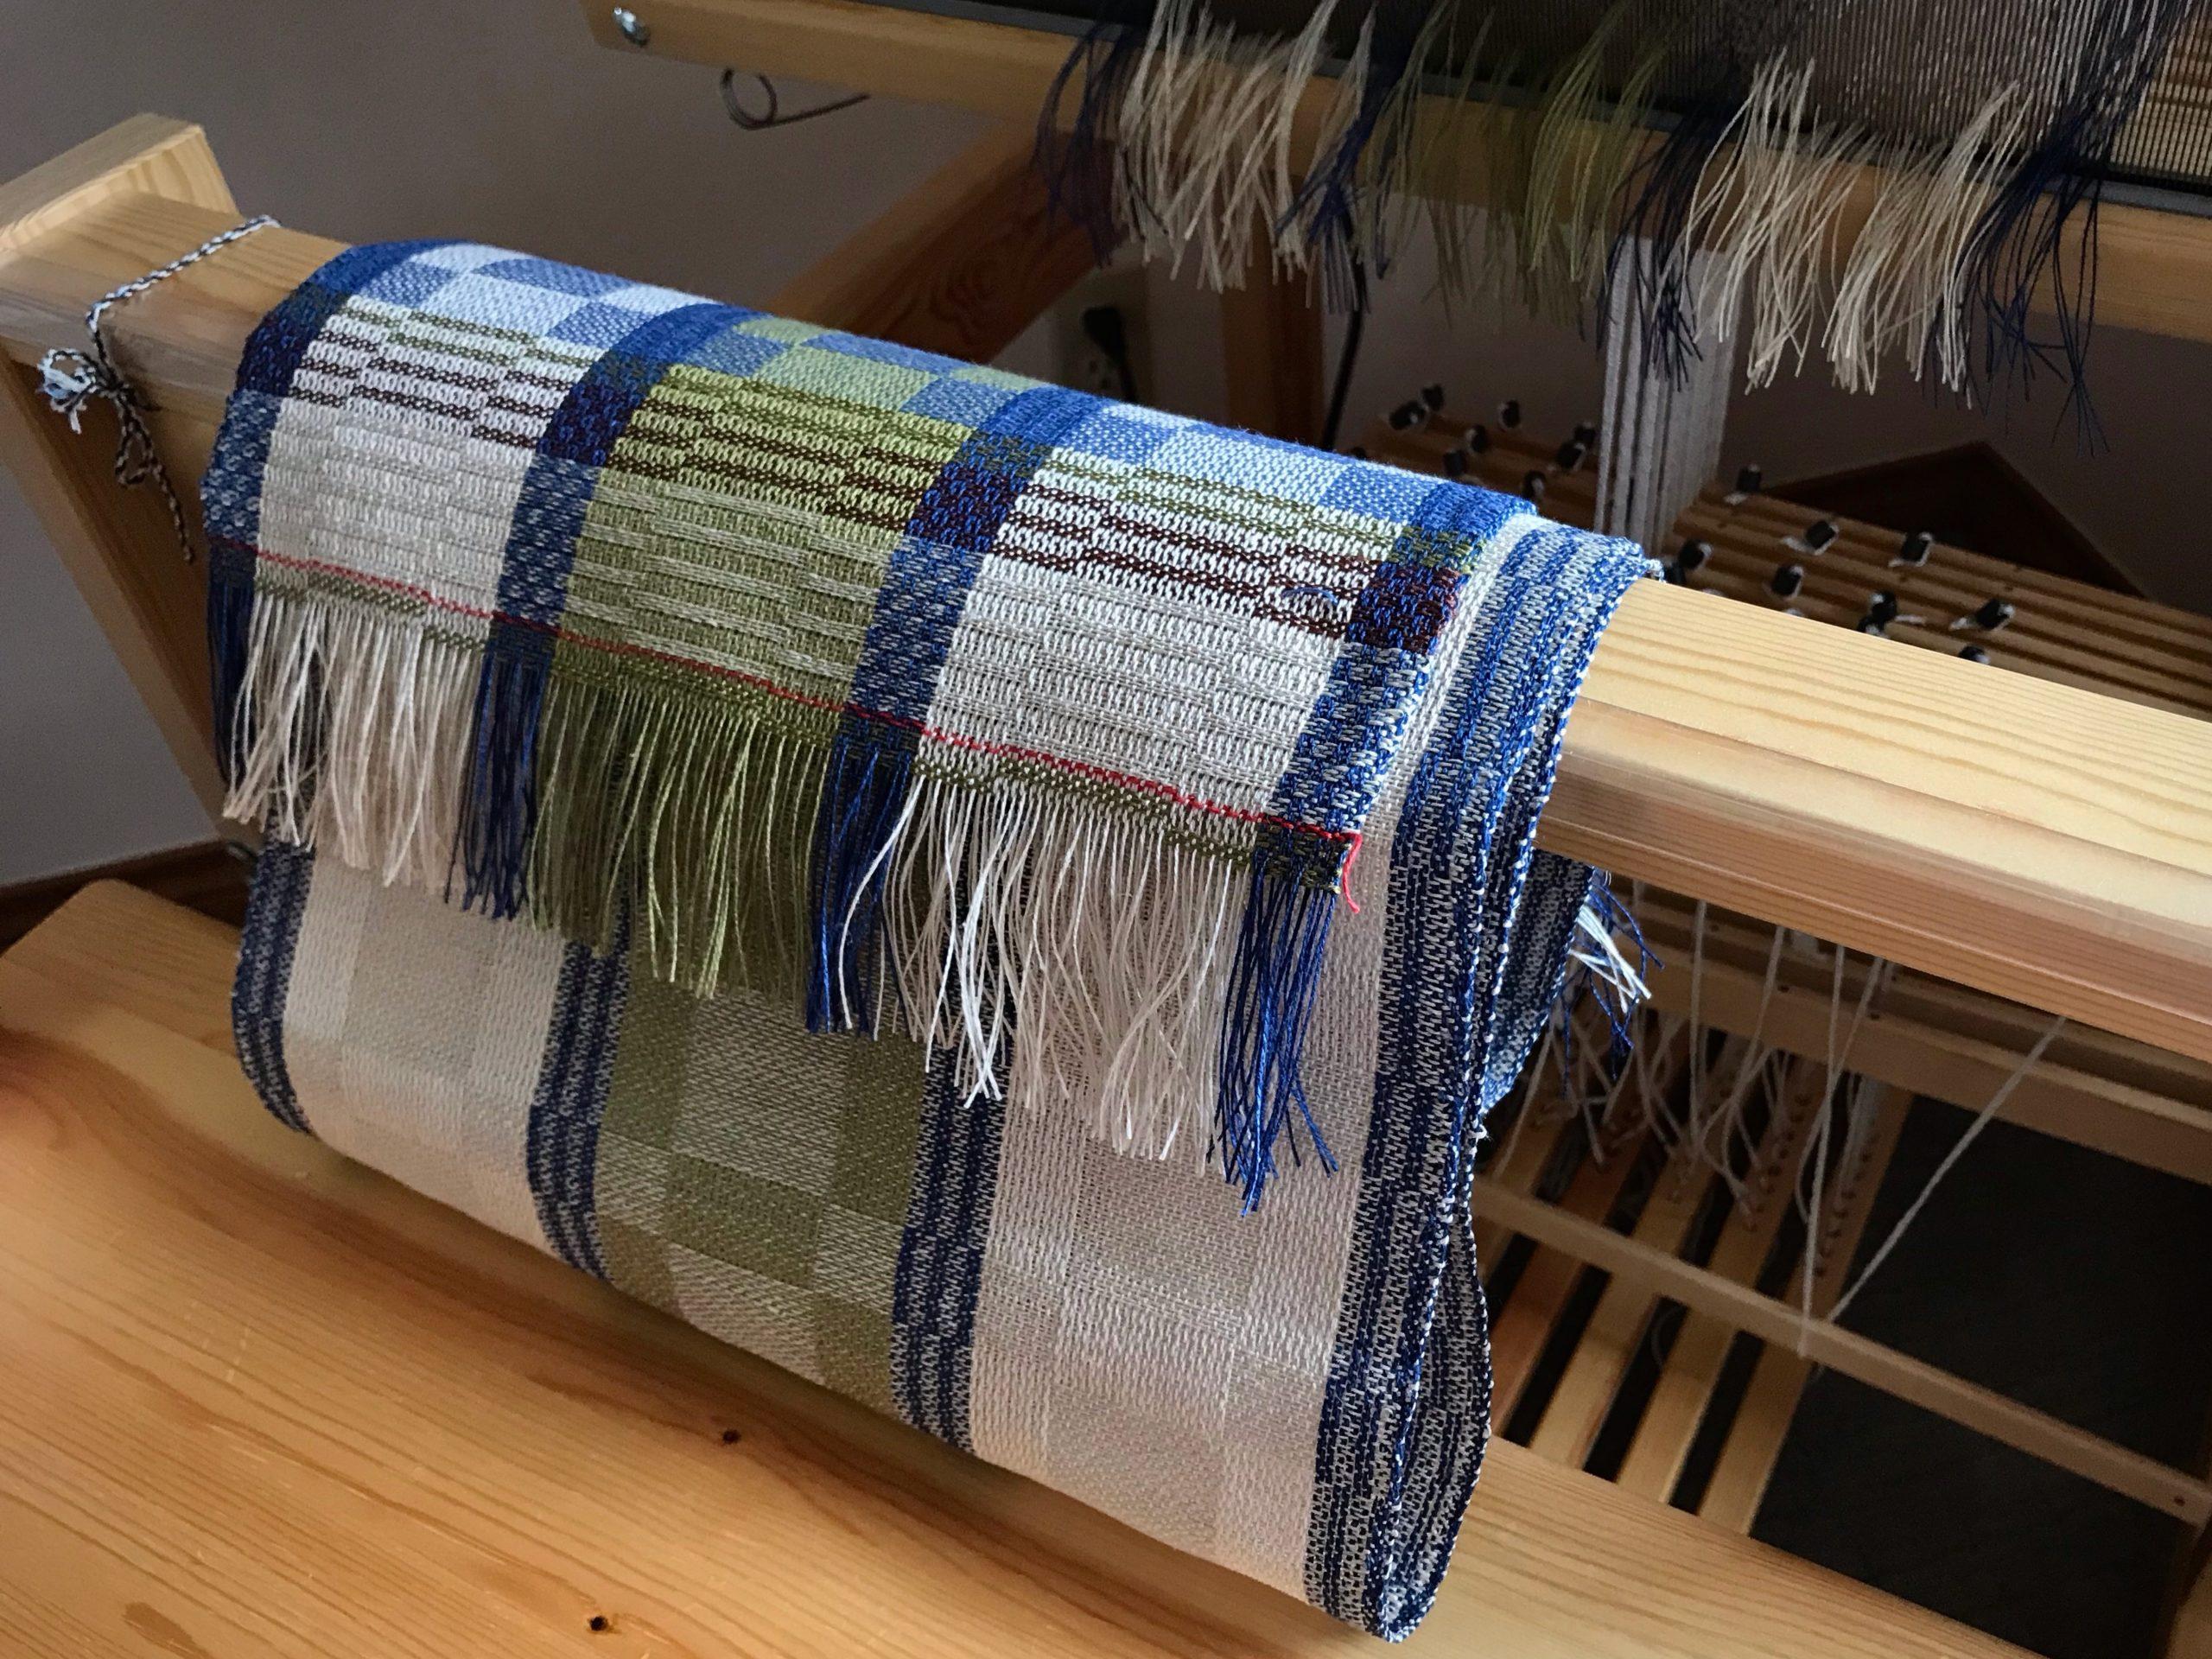 Linen runner just cut off the Julia loom!